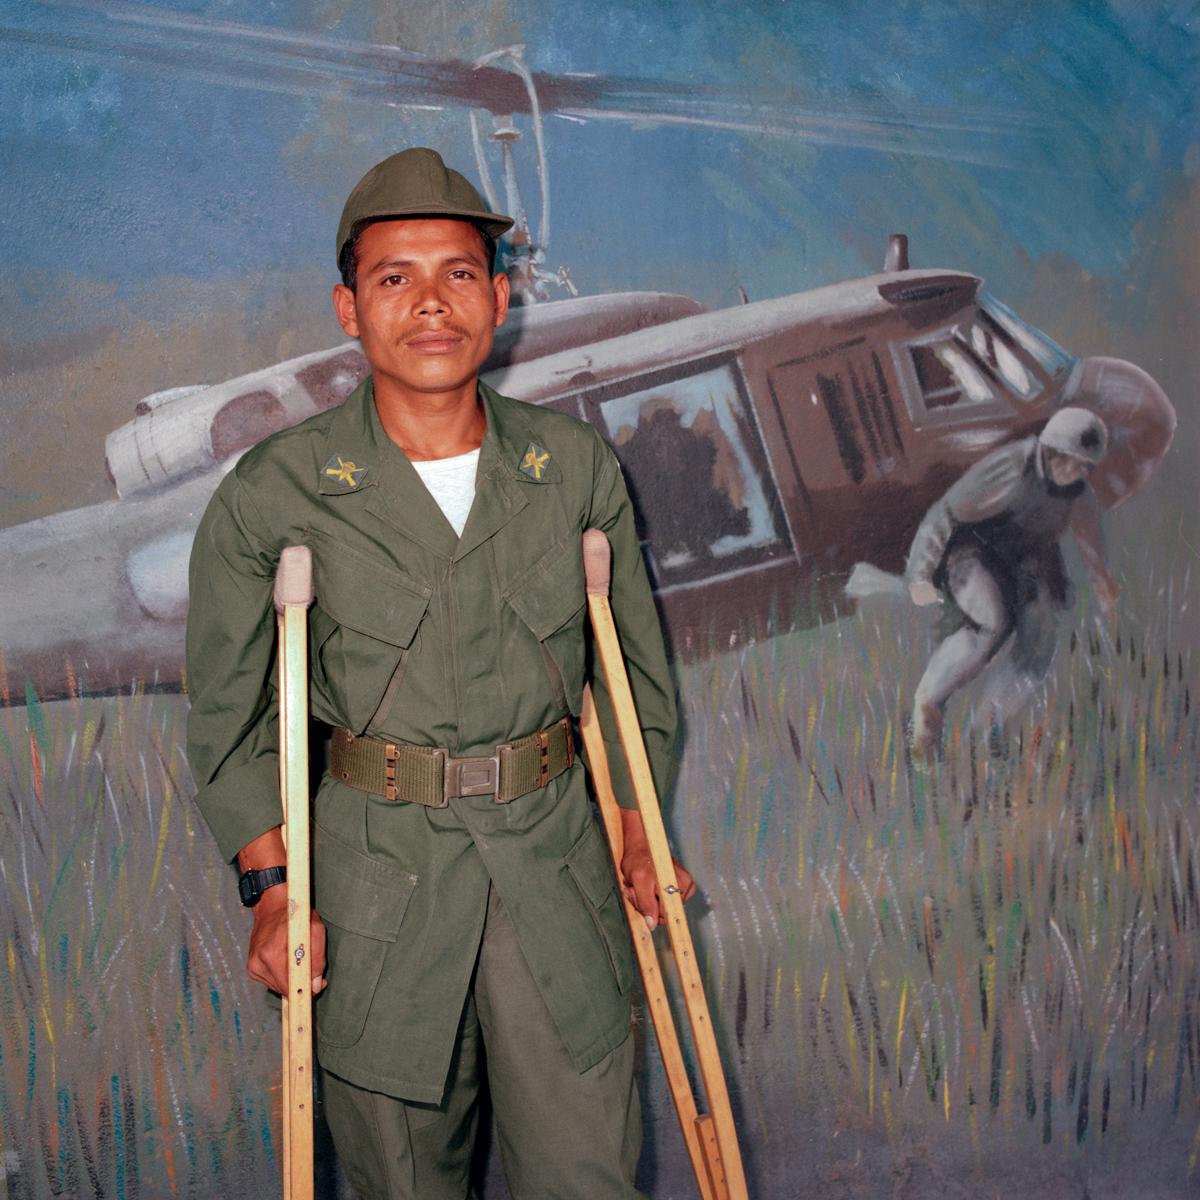 Paratrooper, El Salvador 1986